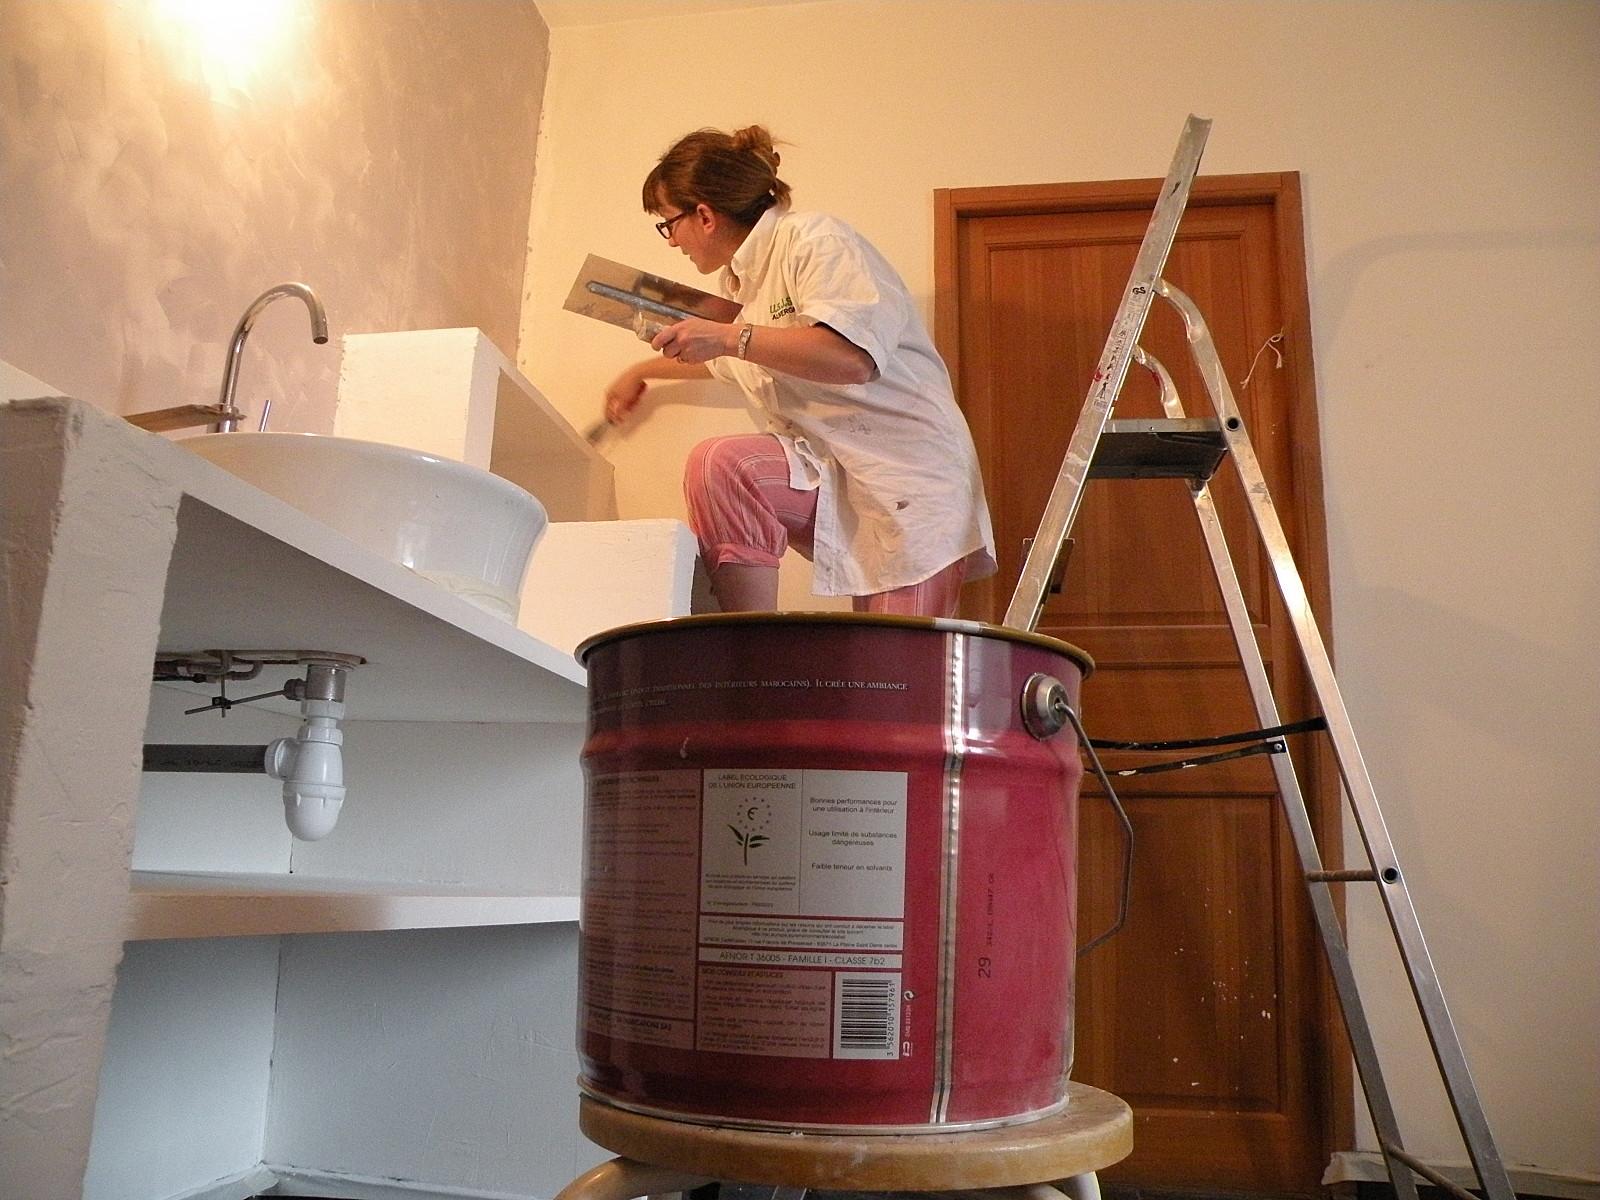 comme dans le reste de la salle de bain lapplication de lenduit de finition a leffet escompt a finit la pice le mur et le meuble vasque et le mur - Finition Mur Salle De Bain